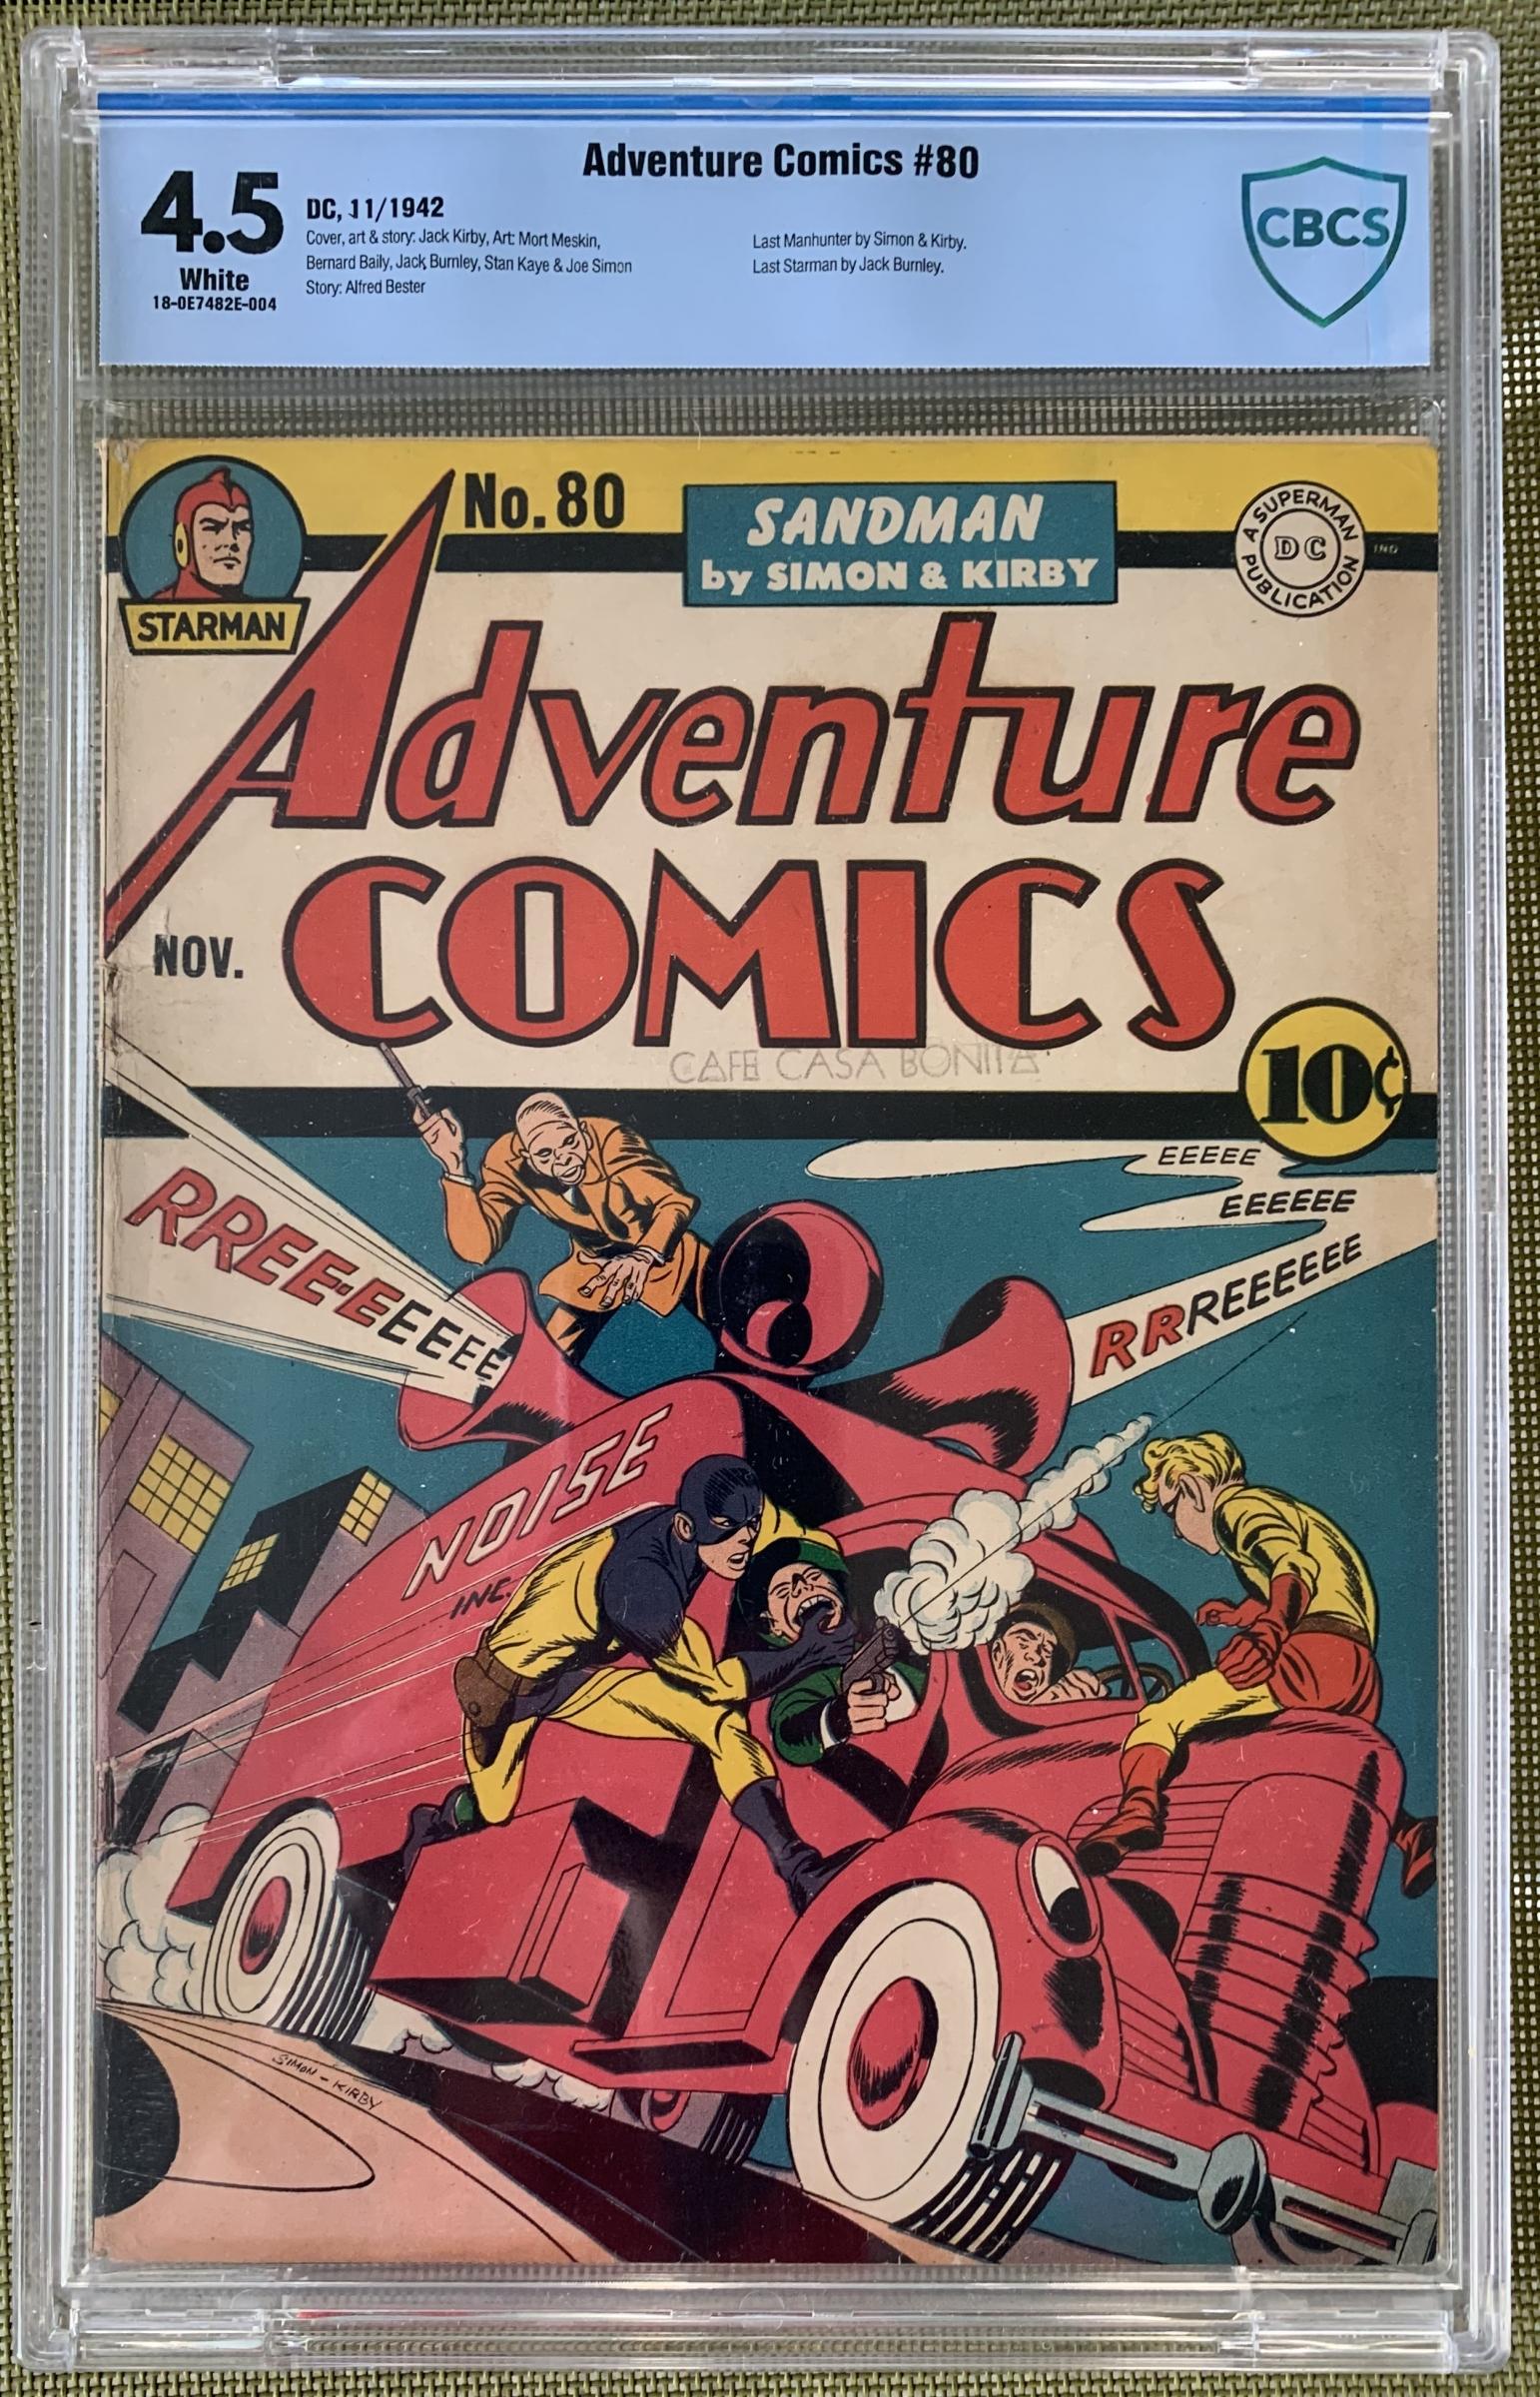 Adventure Comics #80 CBCS 4.5 n/a